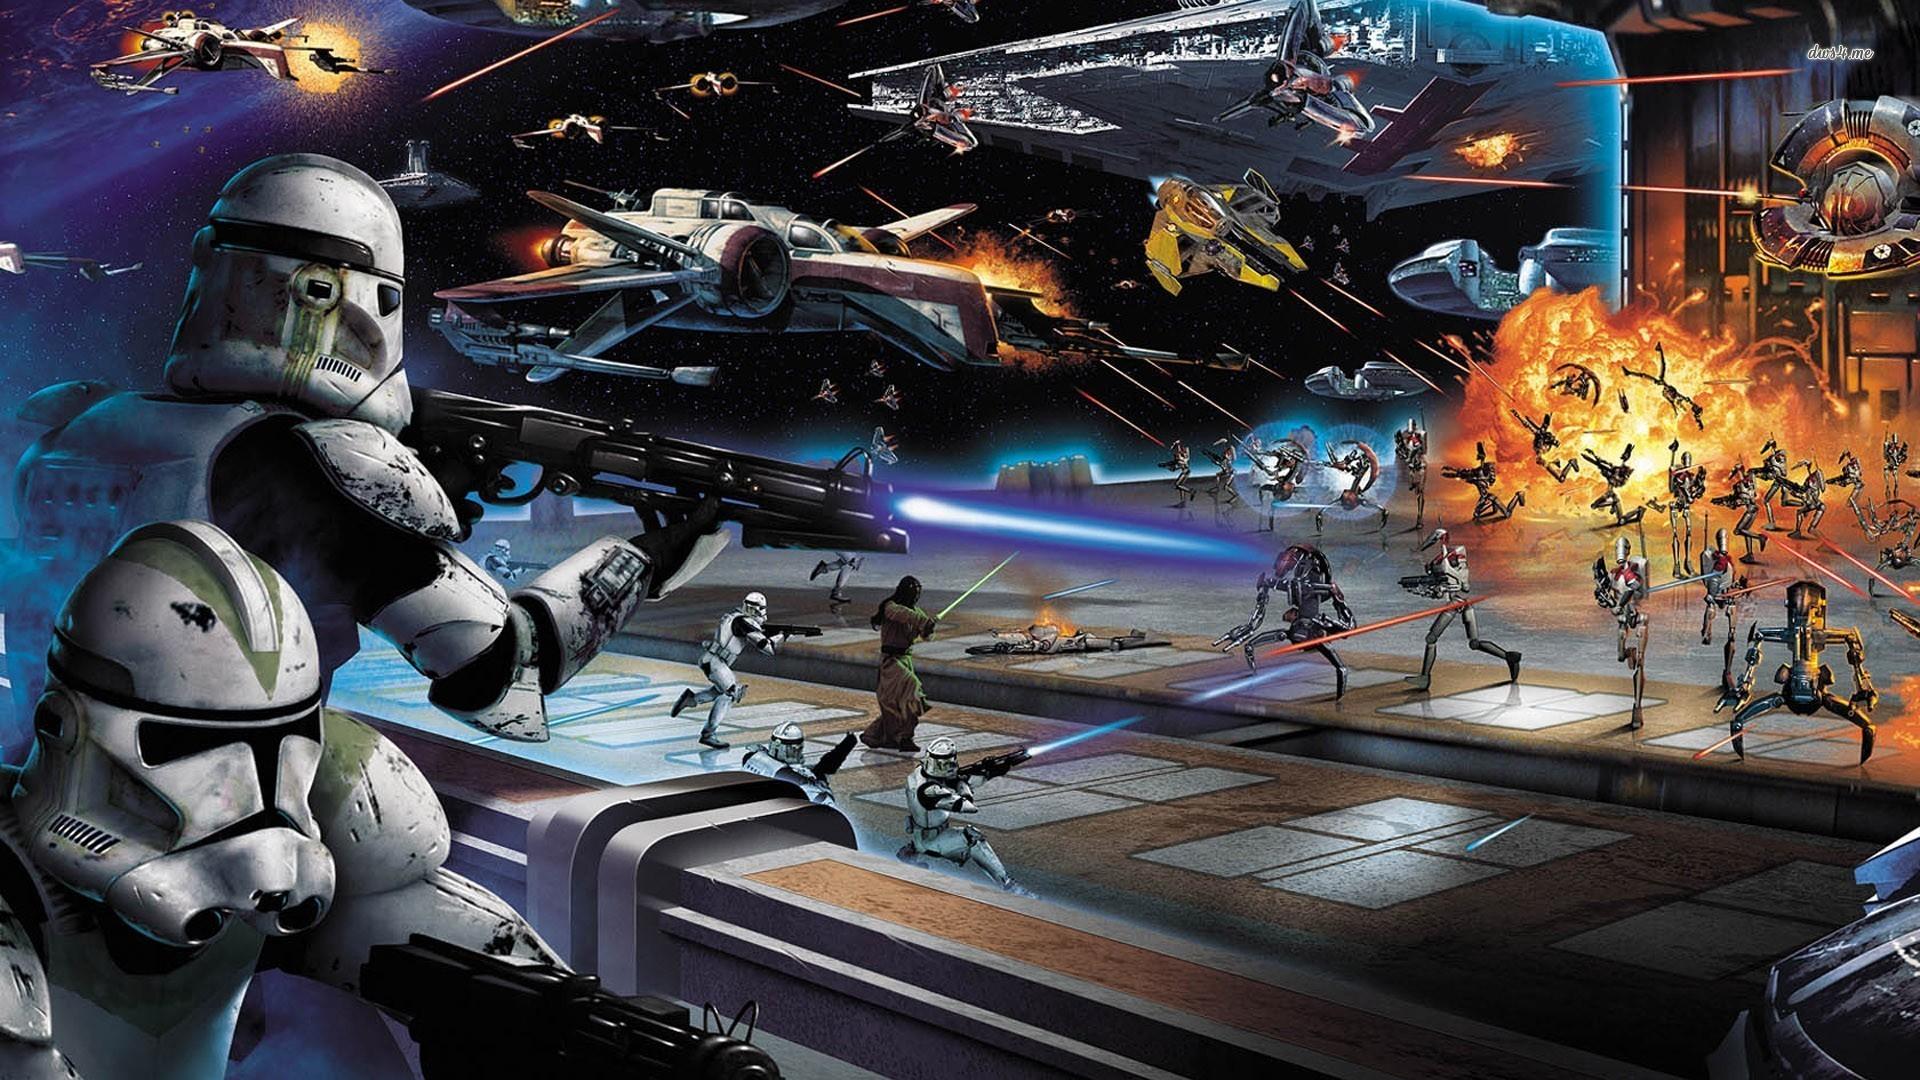 Star-Wars-Battlefront-2-hd-gameplay.jpg (1920×